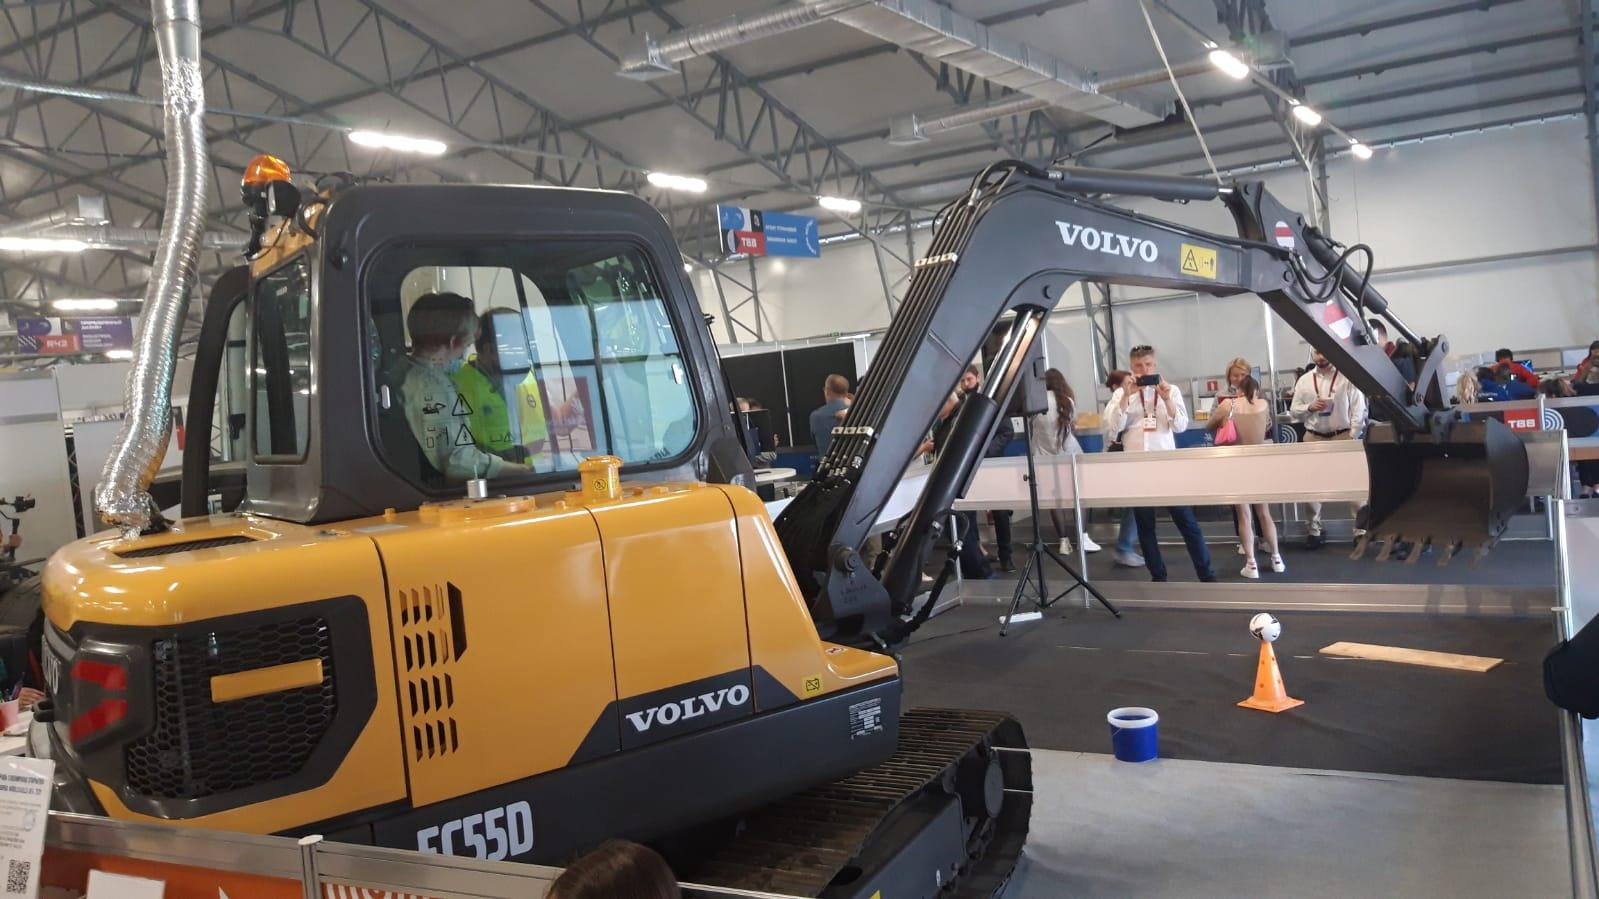 На WorldSkills Russia – 2021 состоялась премьера компактного экскаватора Volvo EC55D